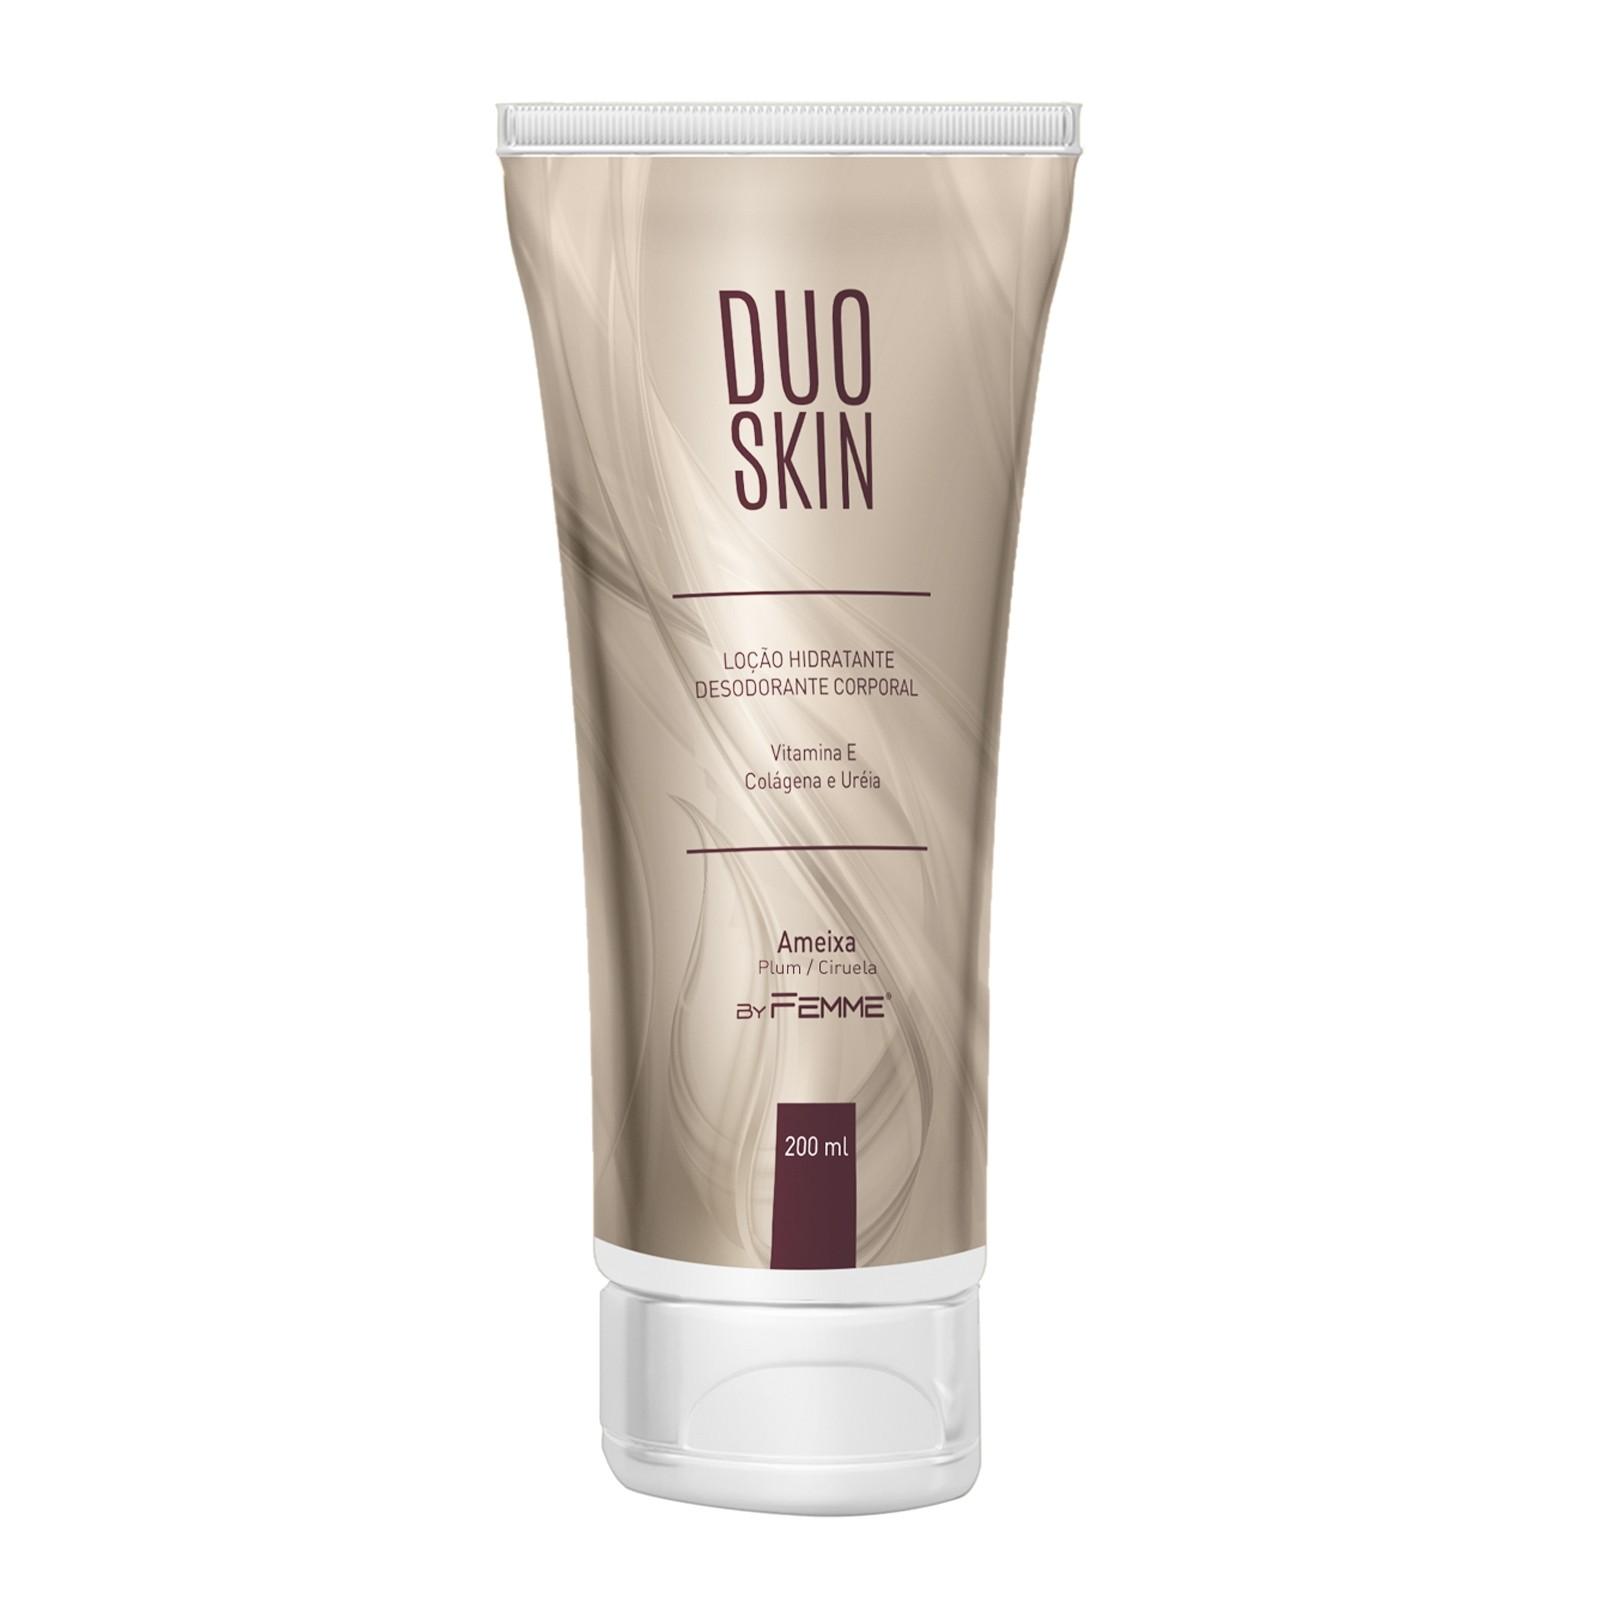 Loção Hidratante Duo Skin Ameixa 200ml